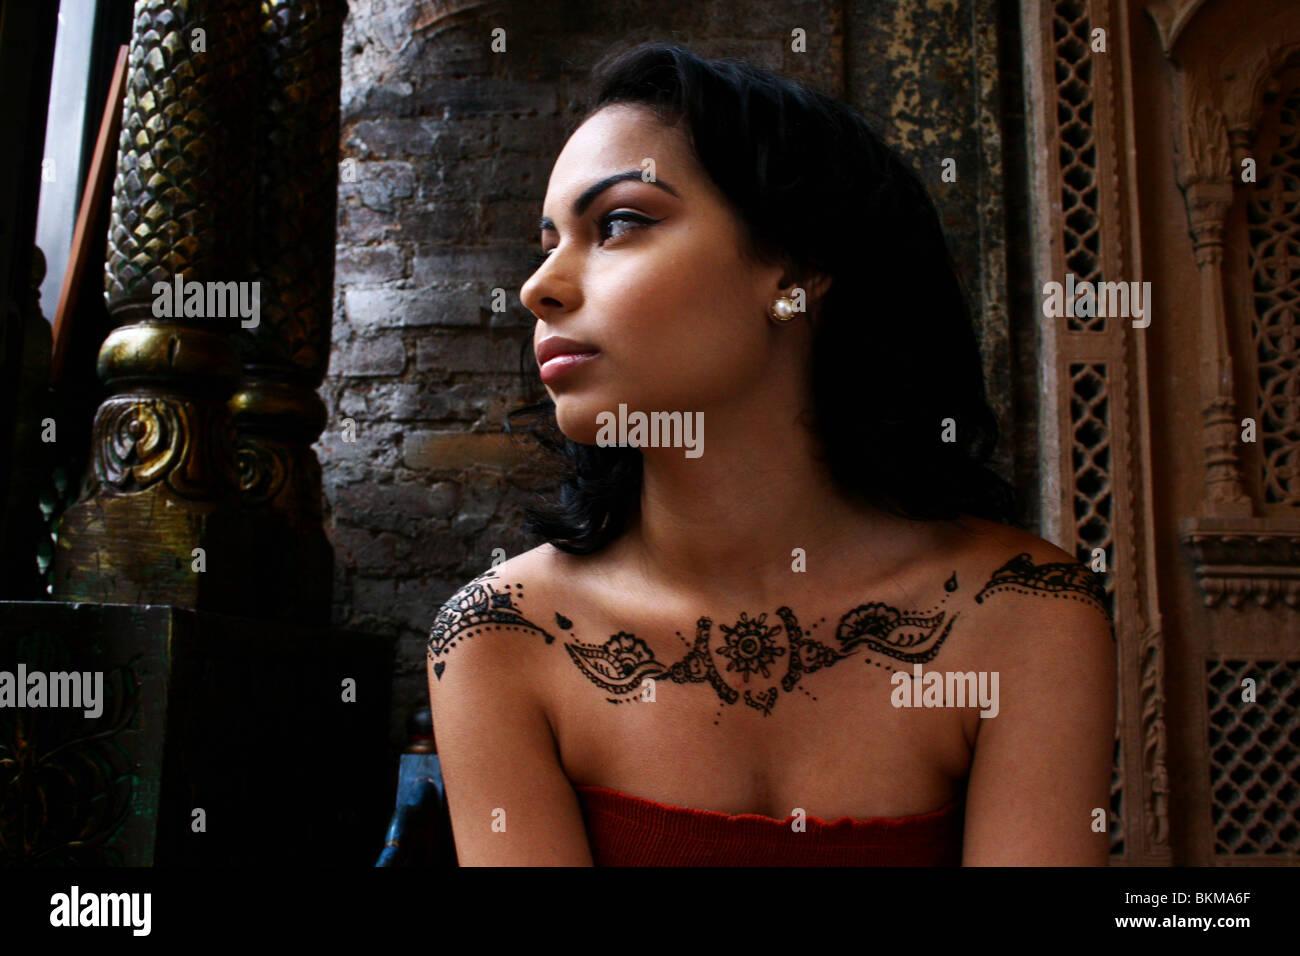 Retrato de mujer pintado con moderno diseño de henna sobre sus hombros. Foto de stock